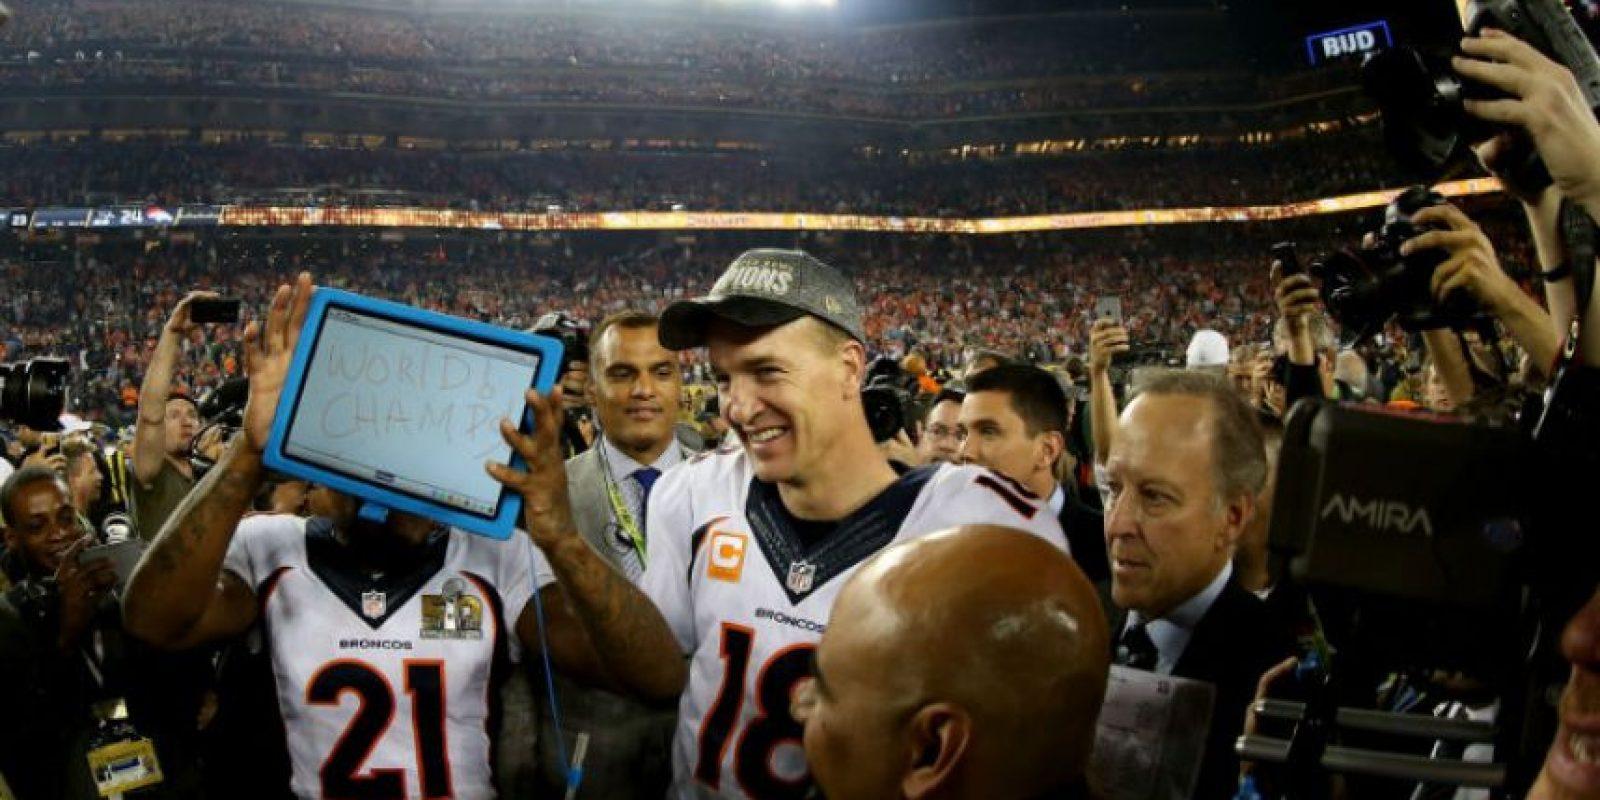 Así festejaron los campeones Broncos de Denver el título en el Super Bowl 50 Foto:Getty Images